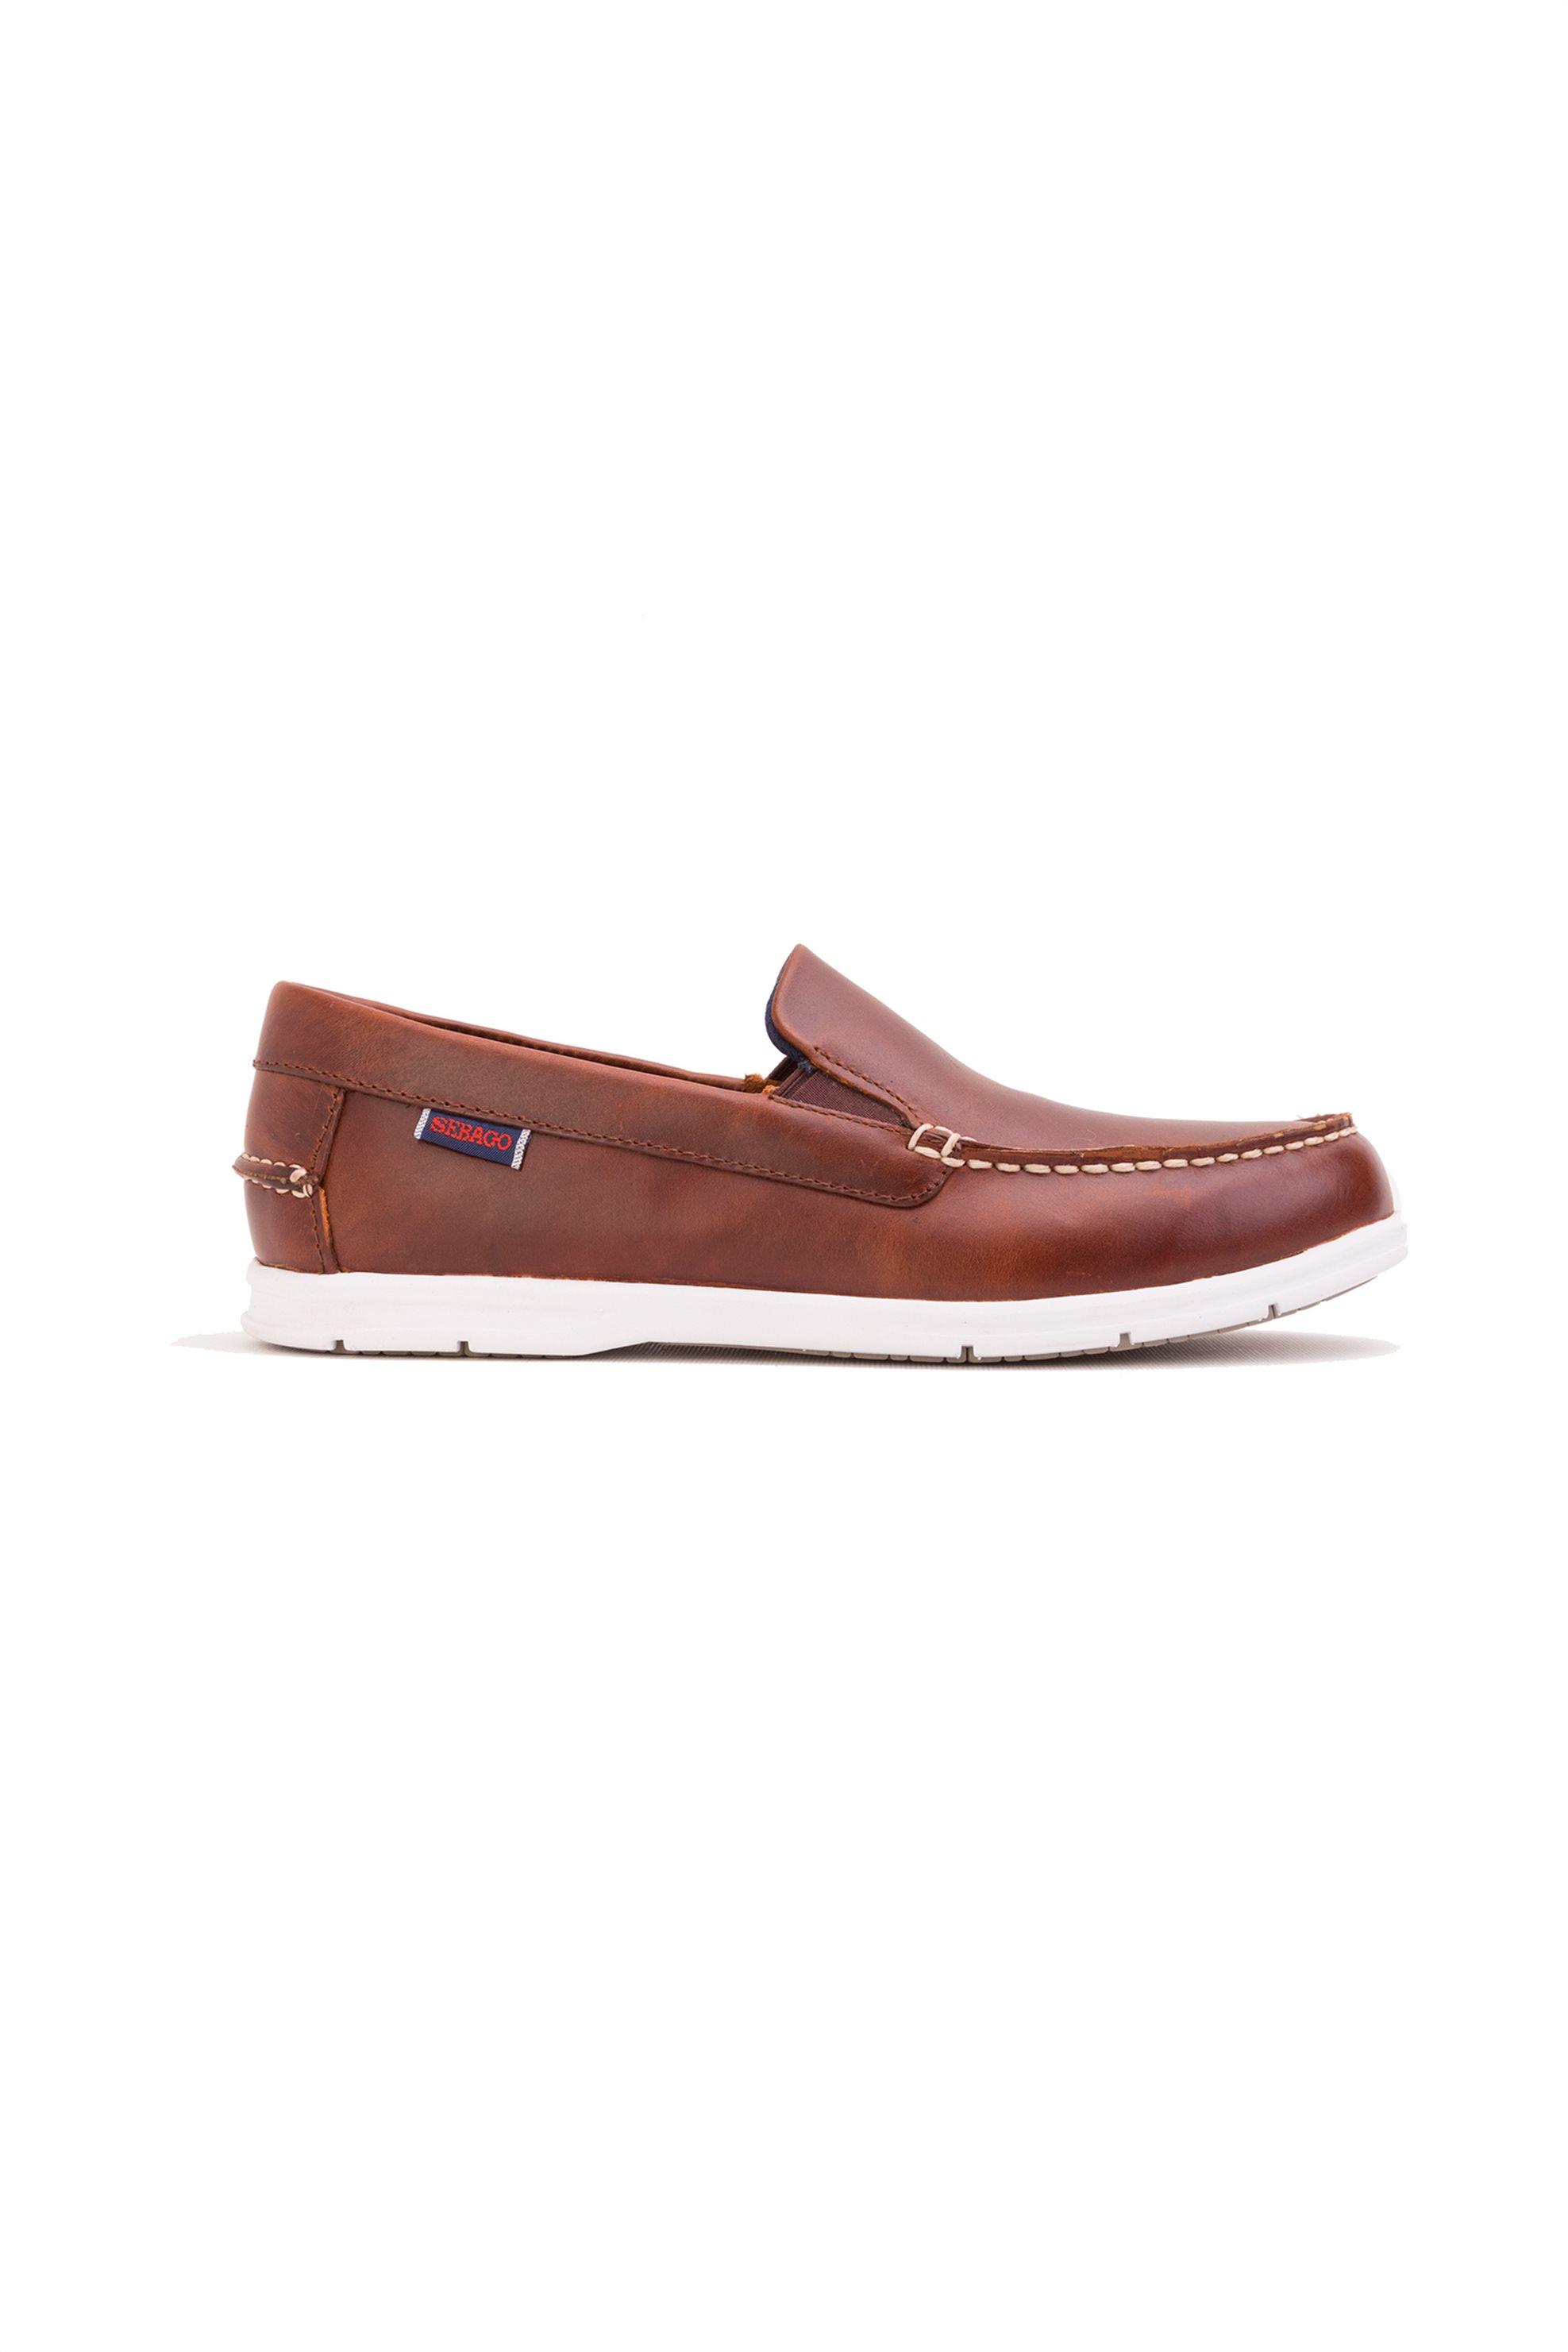 Ανδρικά παπούτσια boats χωρίς κορδόνια. - B864072 - Ταμπά ανδρασ   παπουτσια   boats